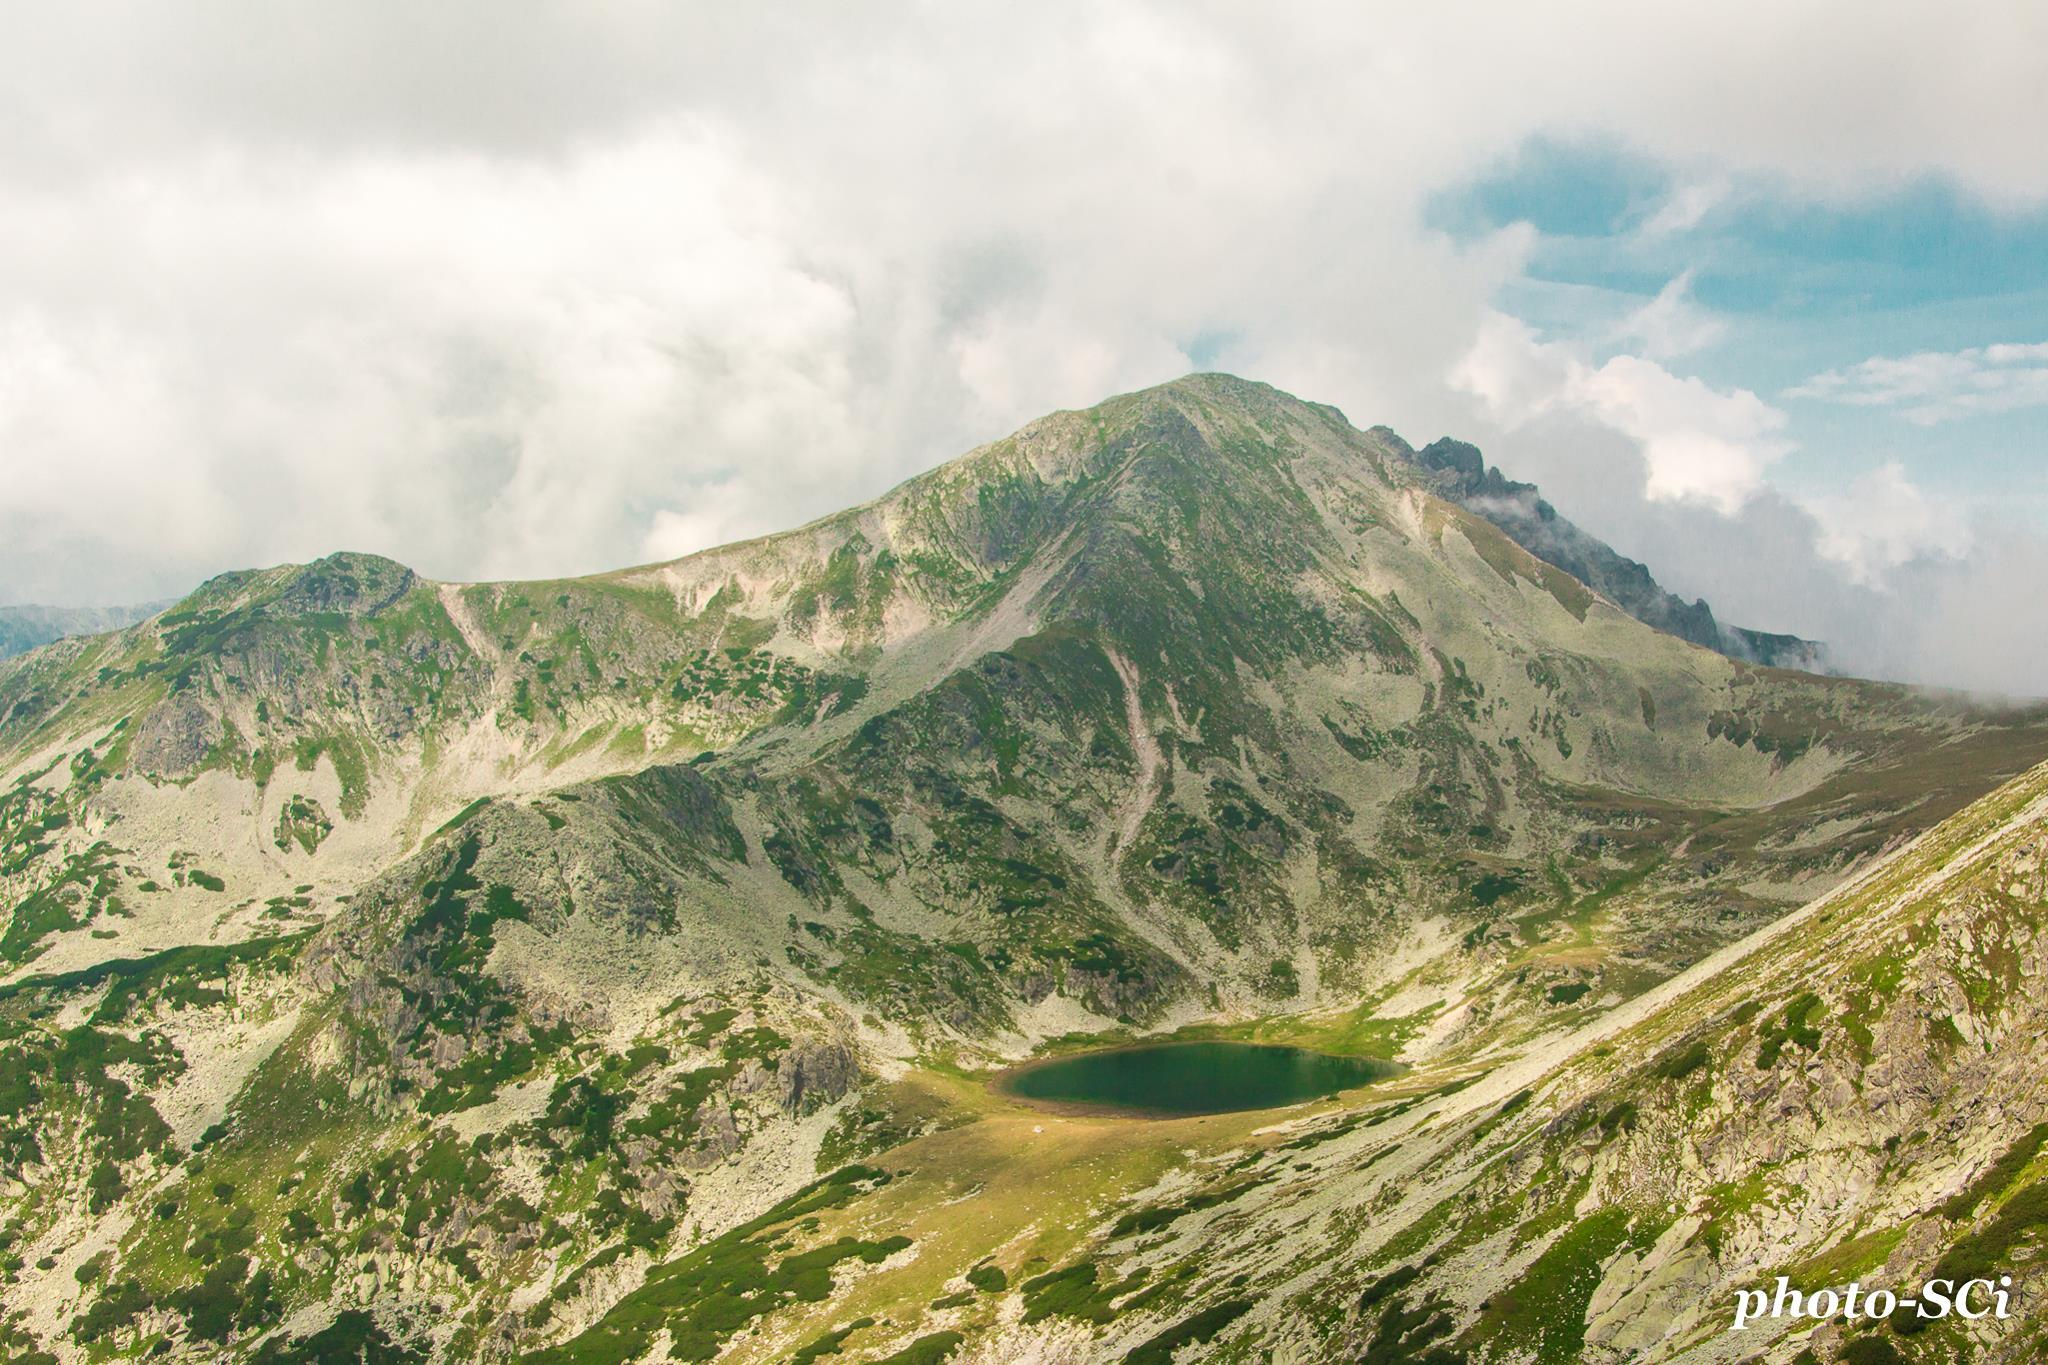 Vf Peleaga-Lacul Peleaga - Csaba-Ilie Silvesan